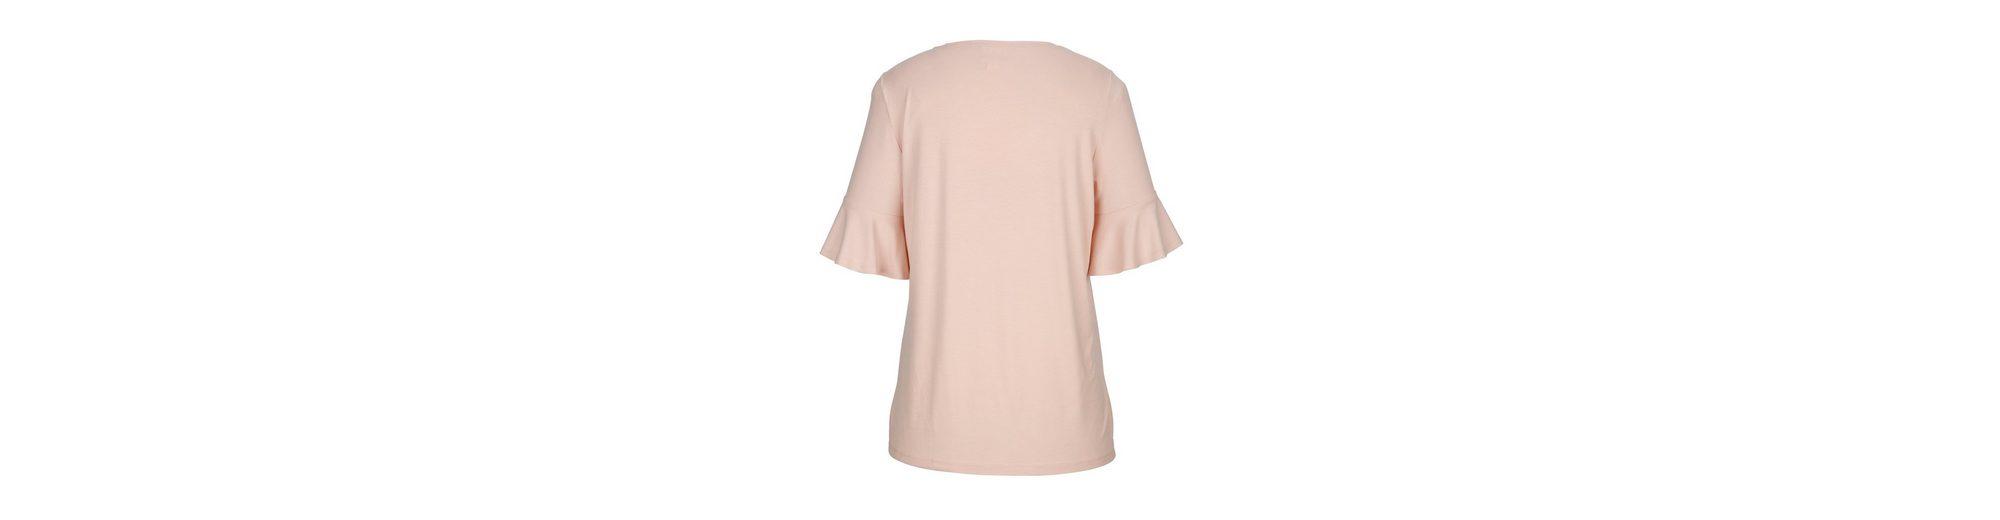 MIAMODA Shirt mit Volants an den Ärmeln Verkauf Besten Großhandels Original Footlocker Finish Billig Verkauf Klassische msF7r